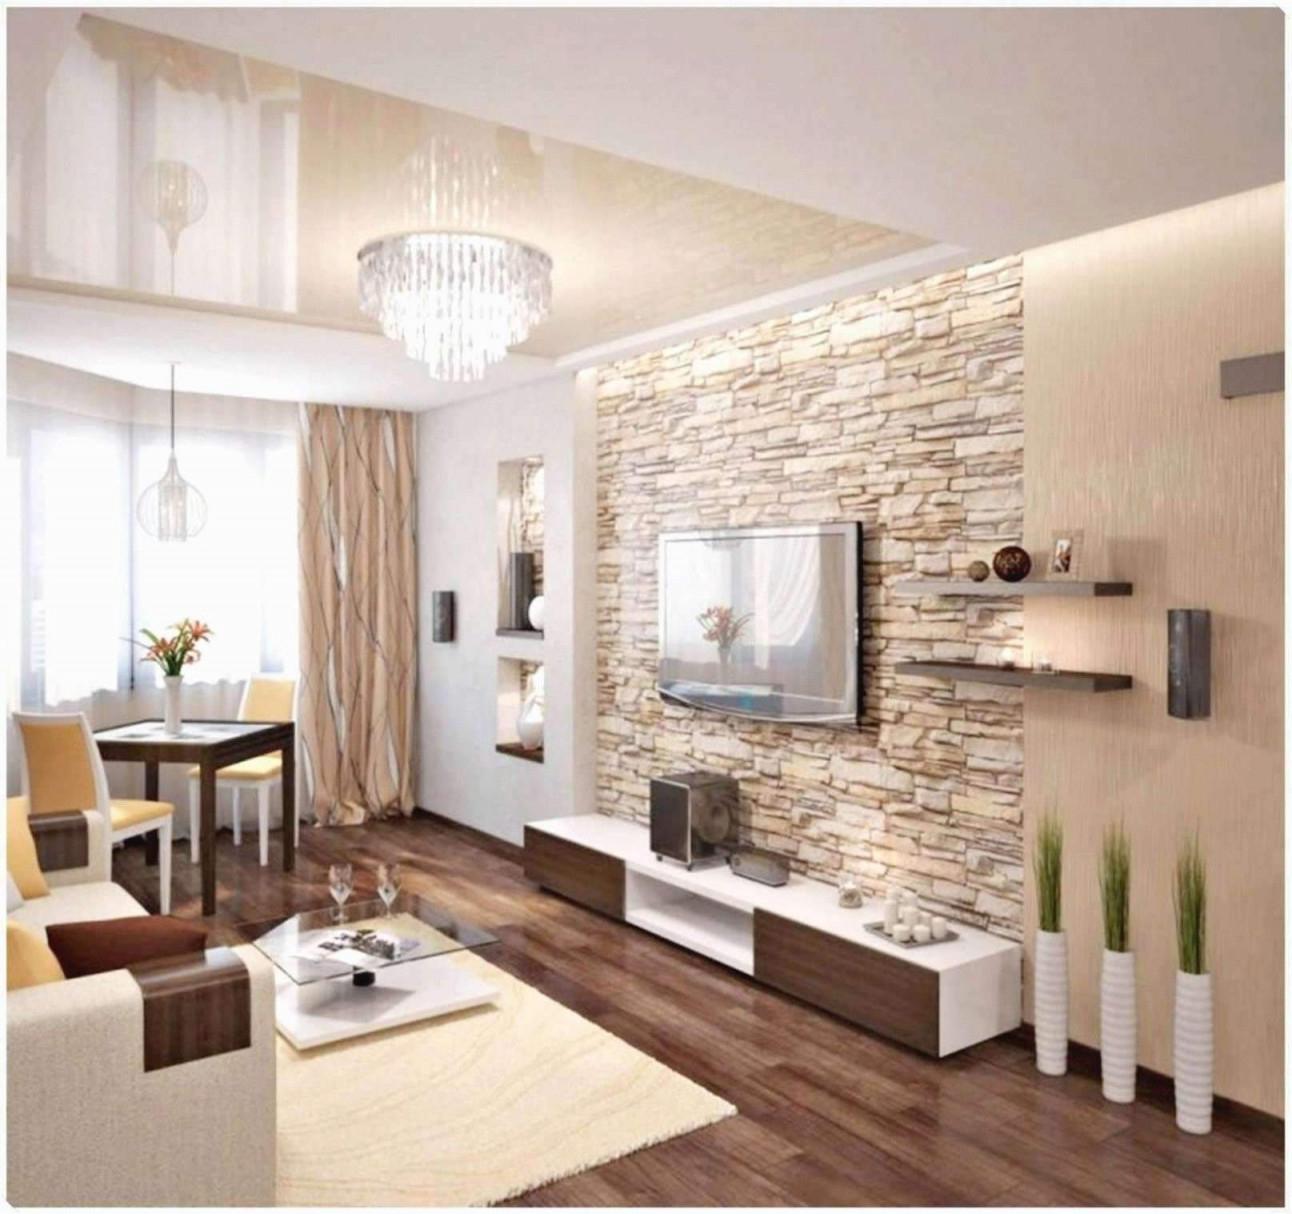 29 Luxus Wohnzimmer Einrichten Ideen Genial  Wohnzimmer Frisch von Inneneinrichtung Ideen Wohnzimmer Bild